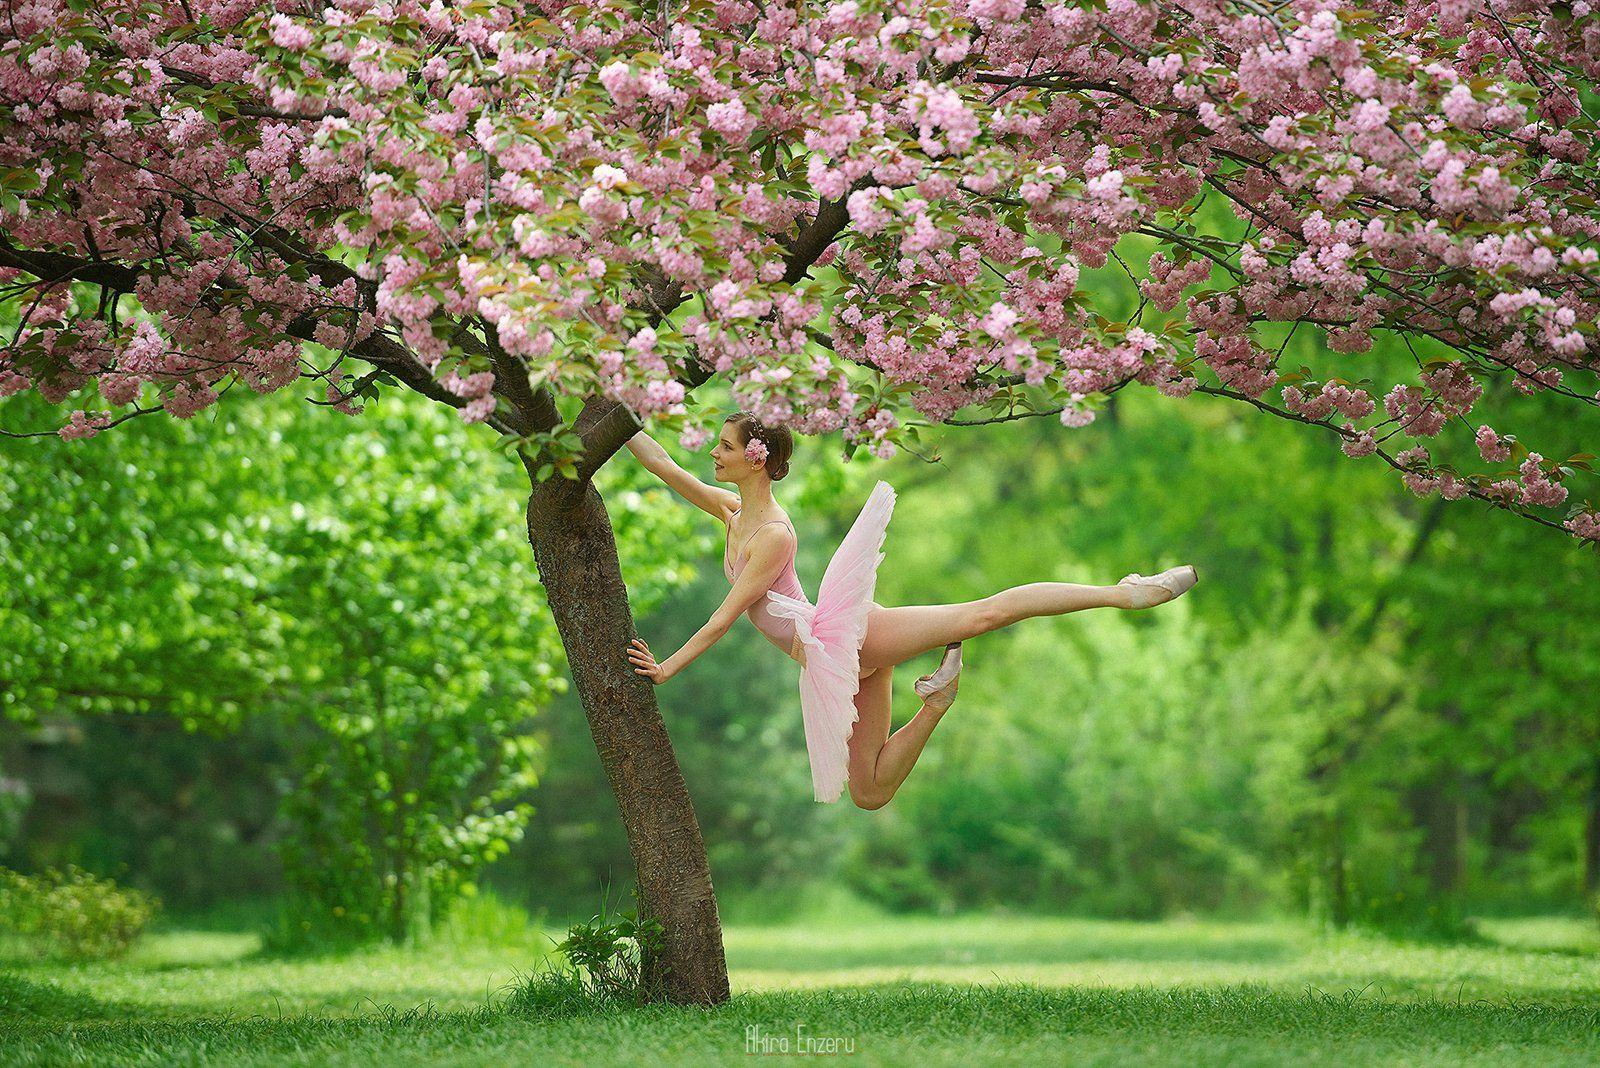 ballerina, dance, dancing, portrait, street, outdoor, Akira Enzeru